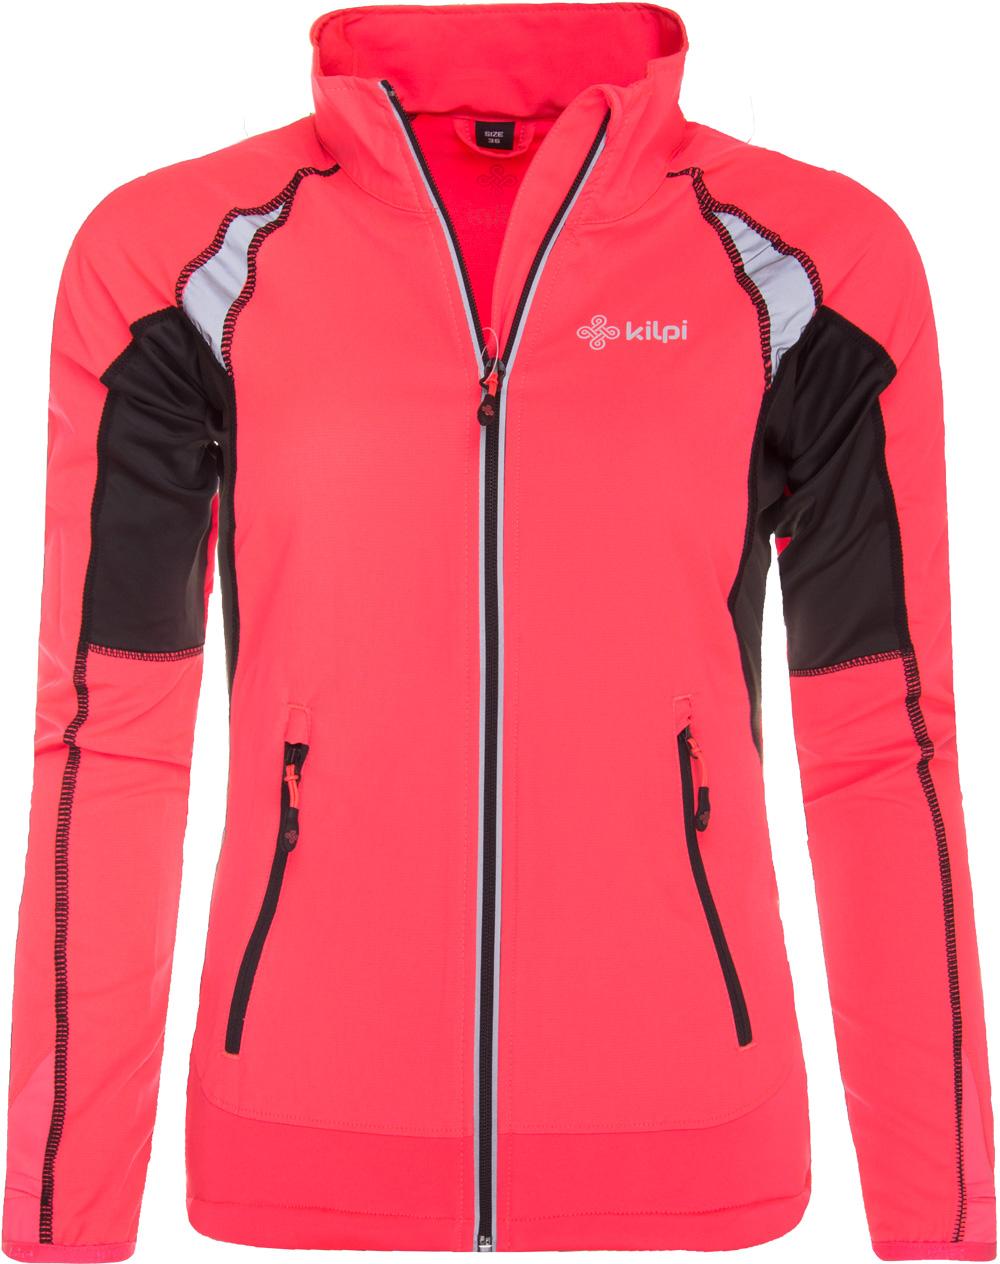 Technical jacket by Kilpi NORDIM-W